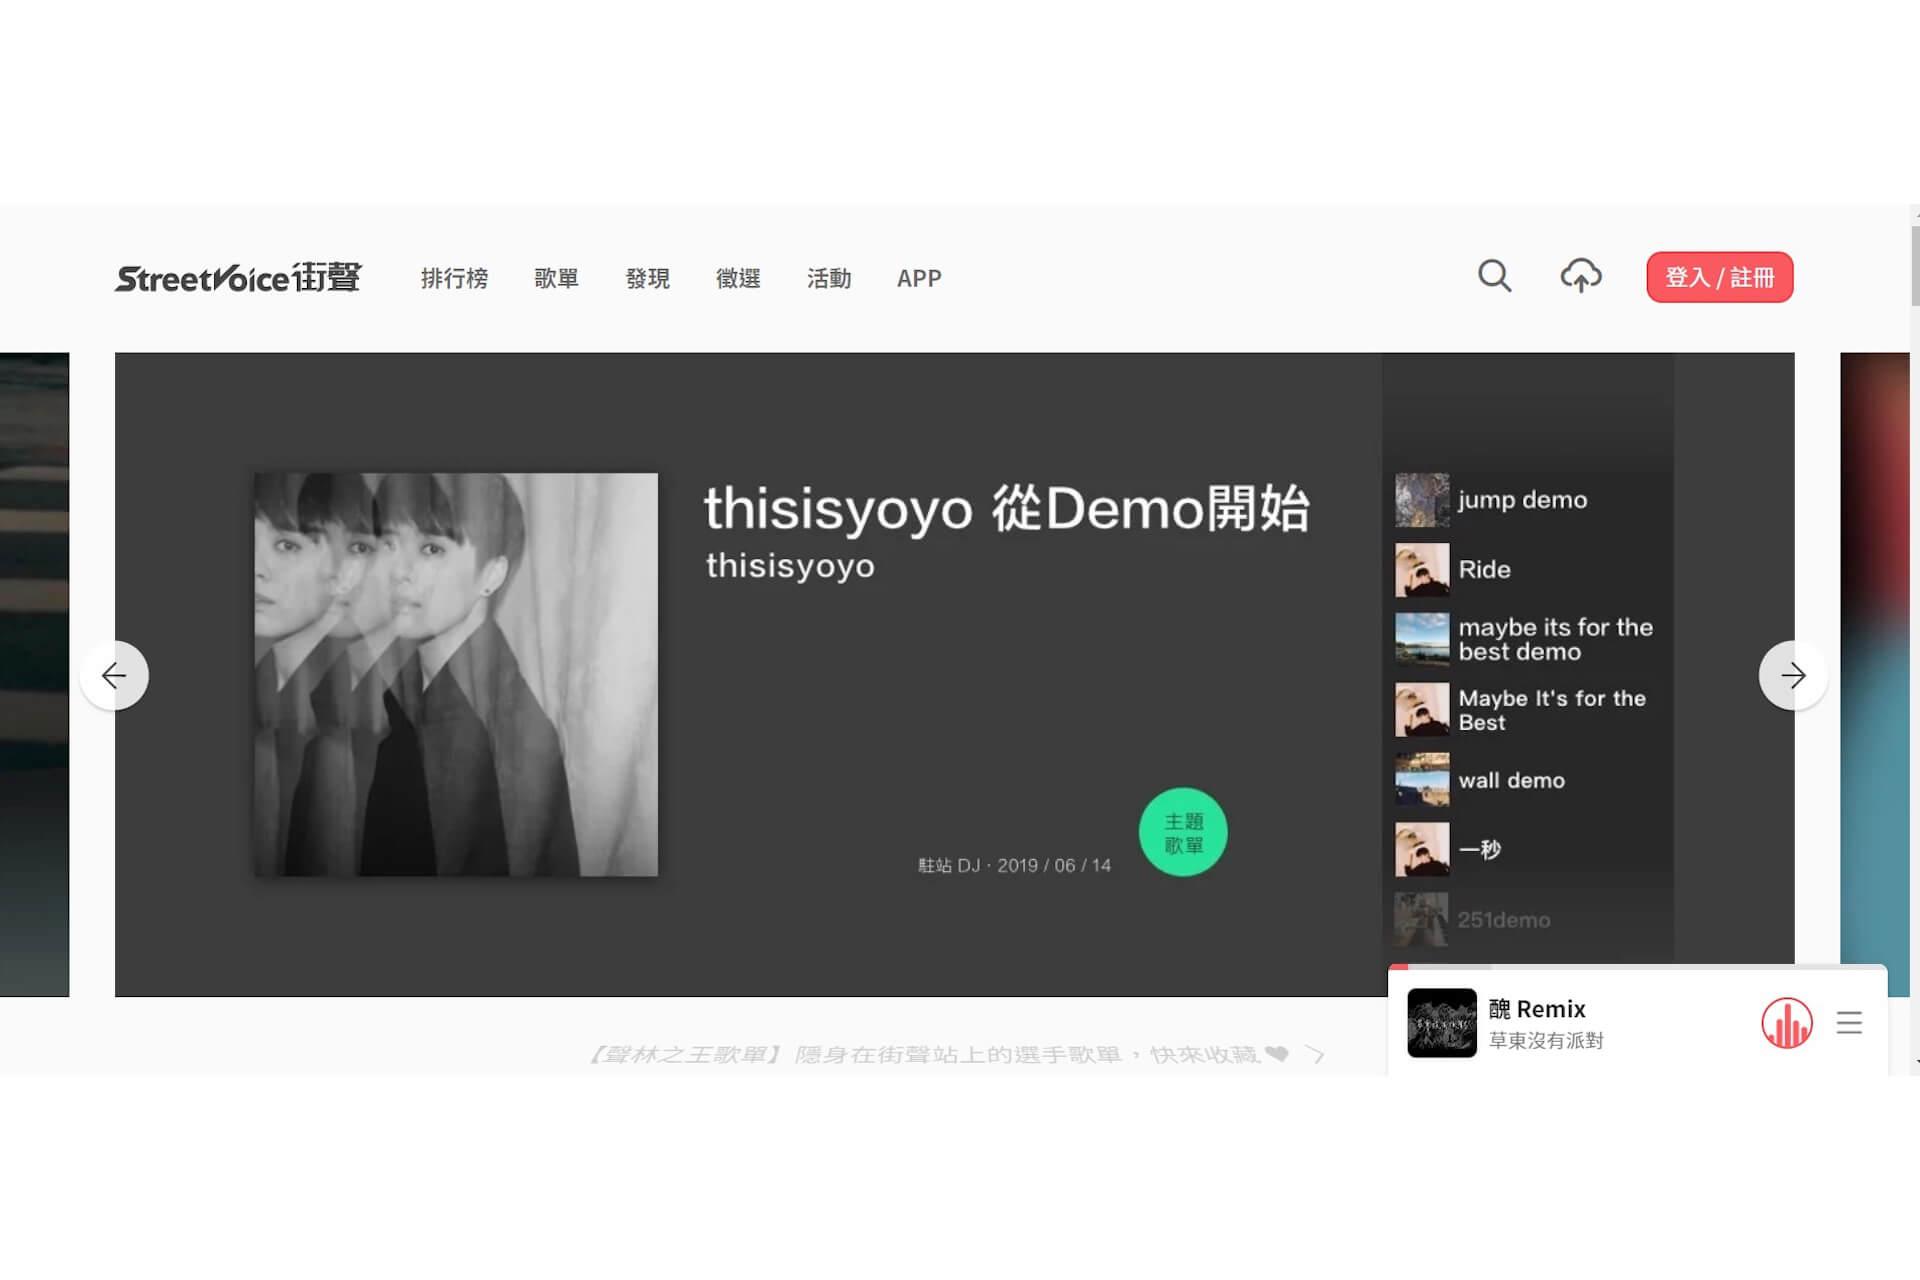 台湾最先端のインディ音楽をdigれる無料アプリ「StreetVoice」が熱い!使い方を紹介 streetvoice